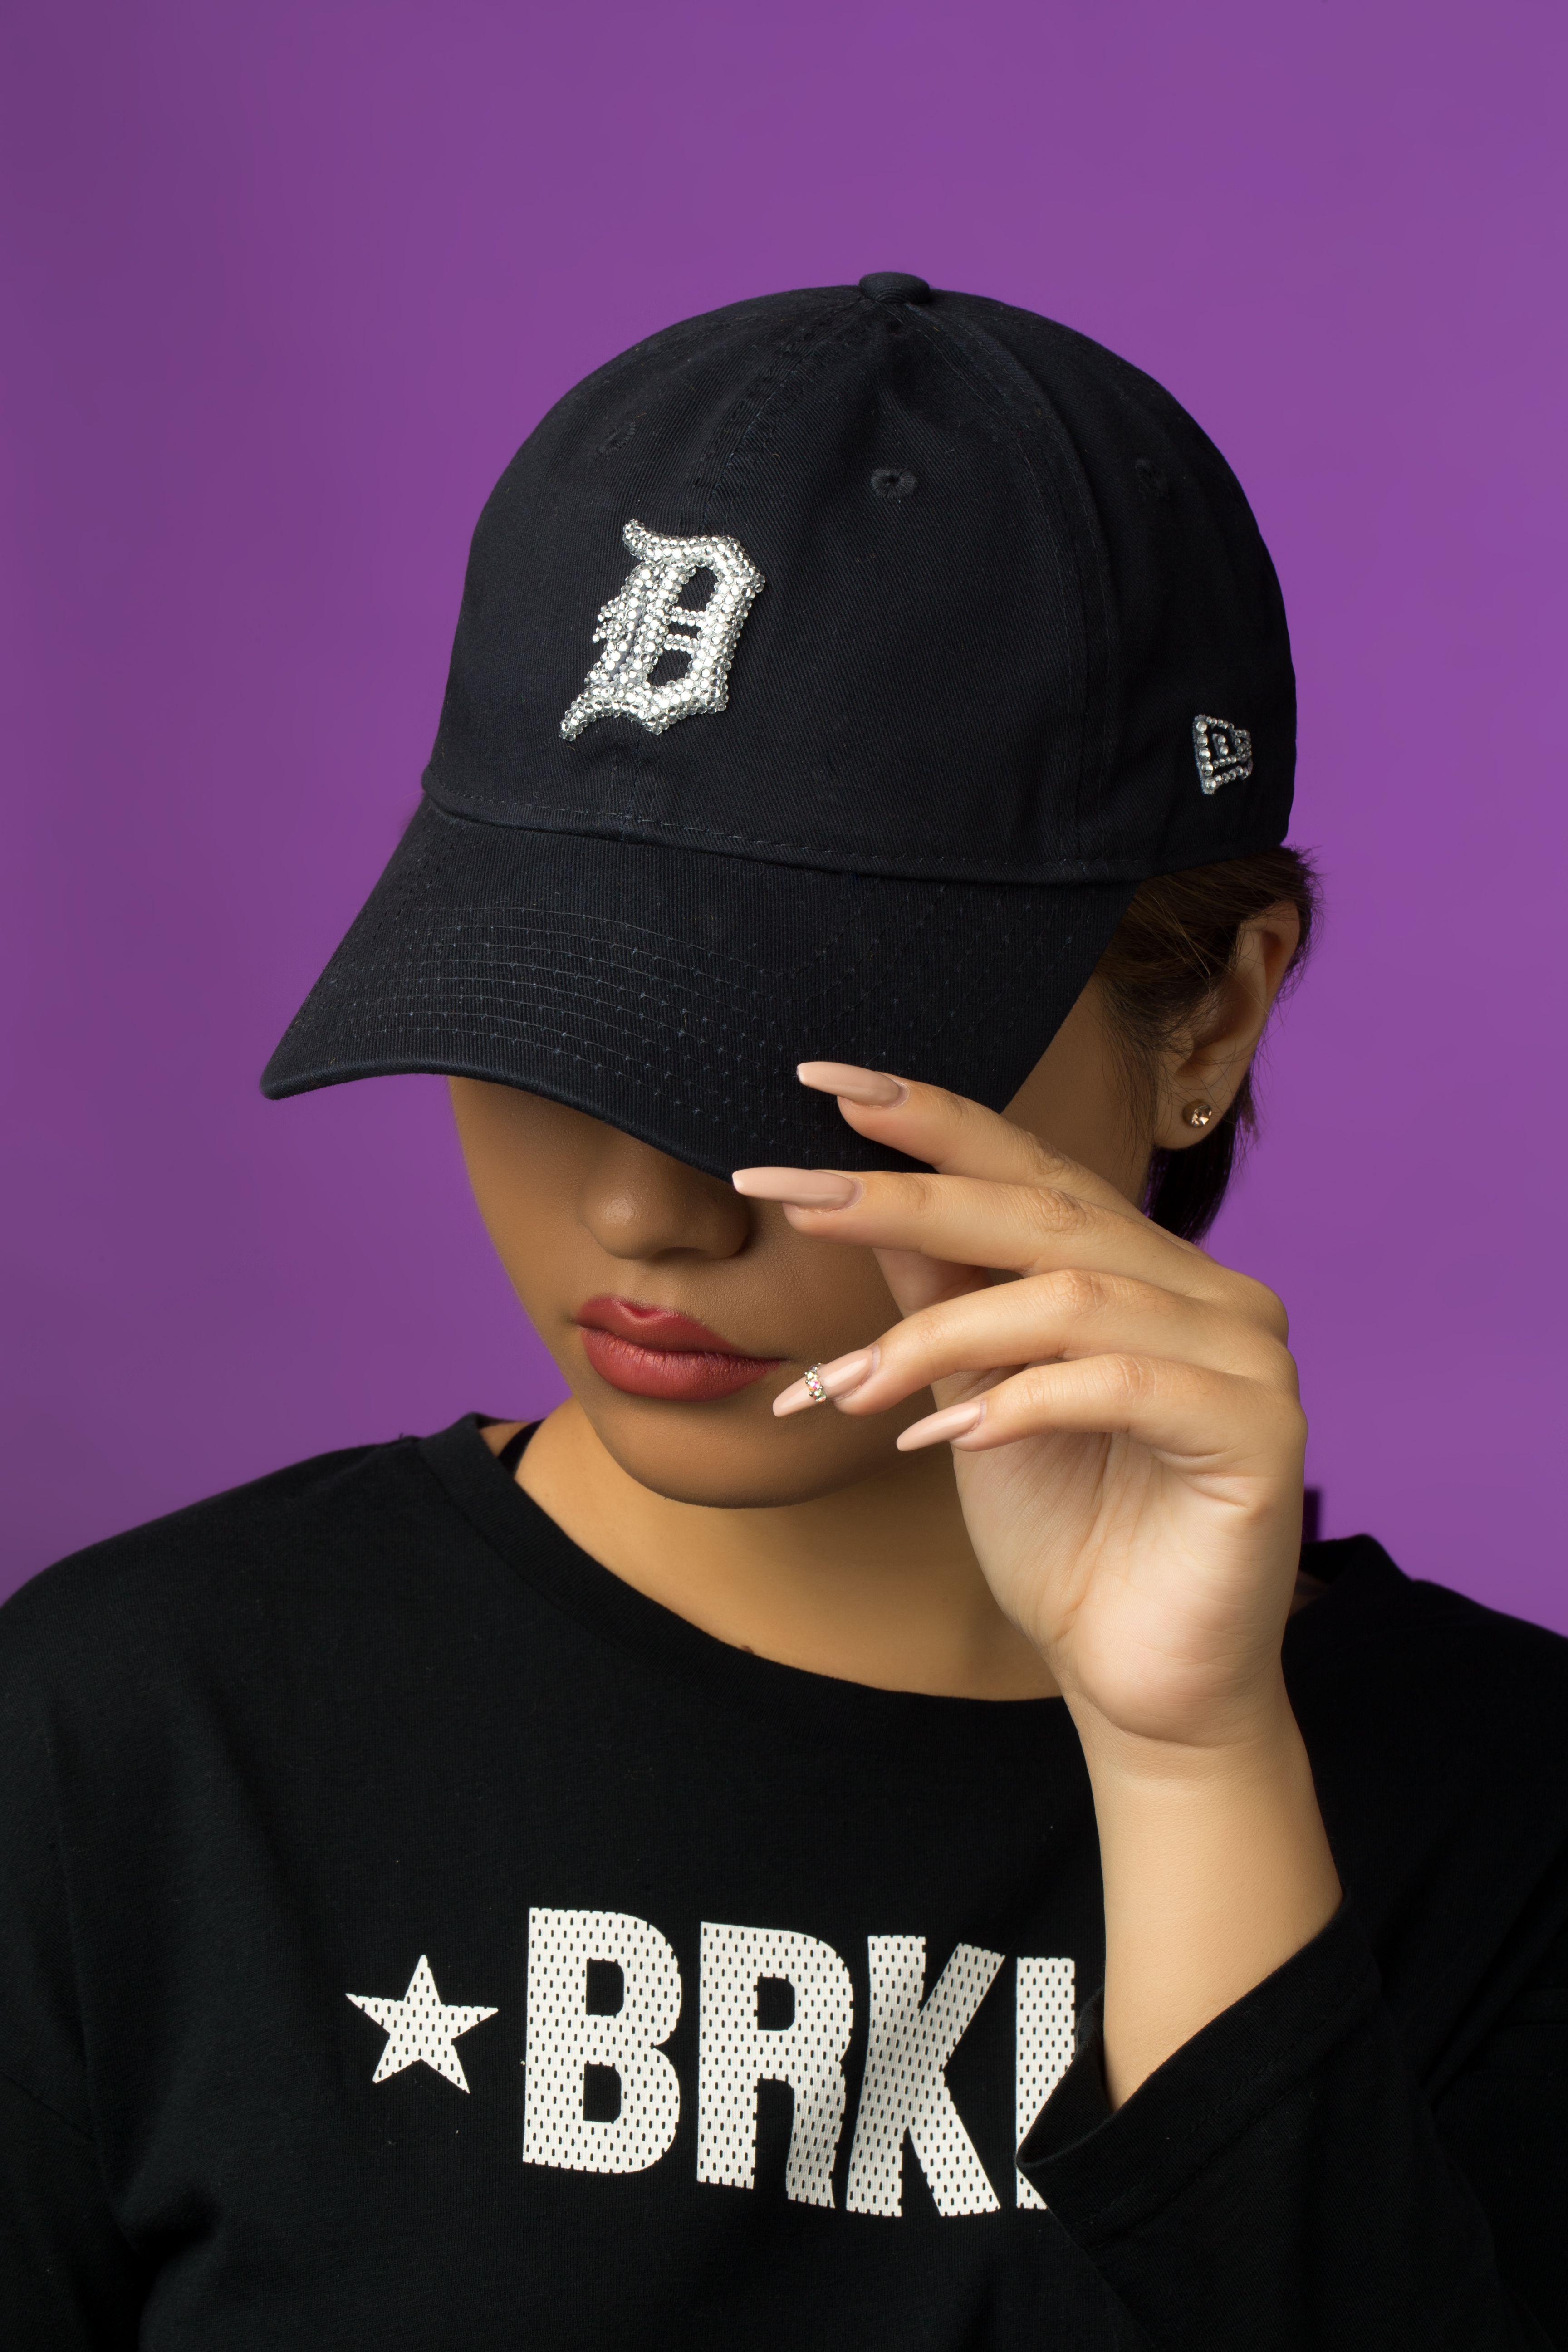 Black bling mlb hat baseball cap women trending now